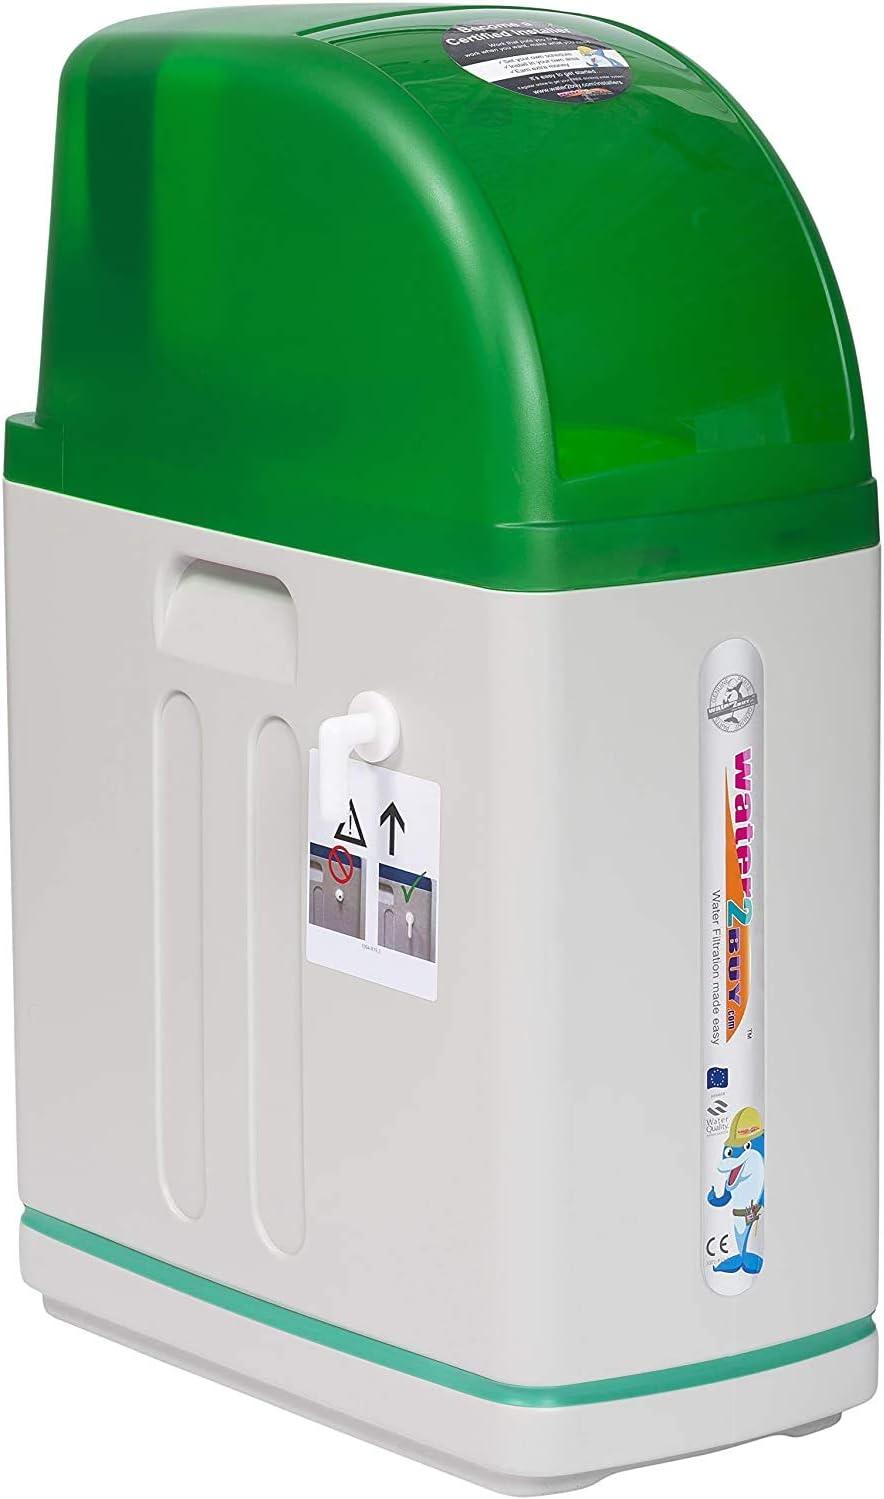 Water2Buy W2B200 descalcificador | descalcificador de agua domestico para 1-4 personas